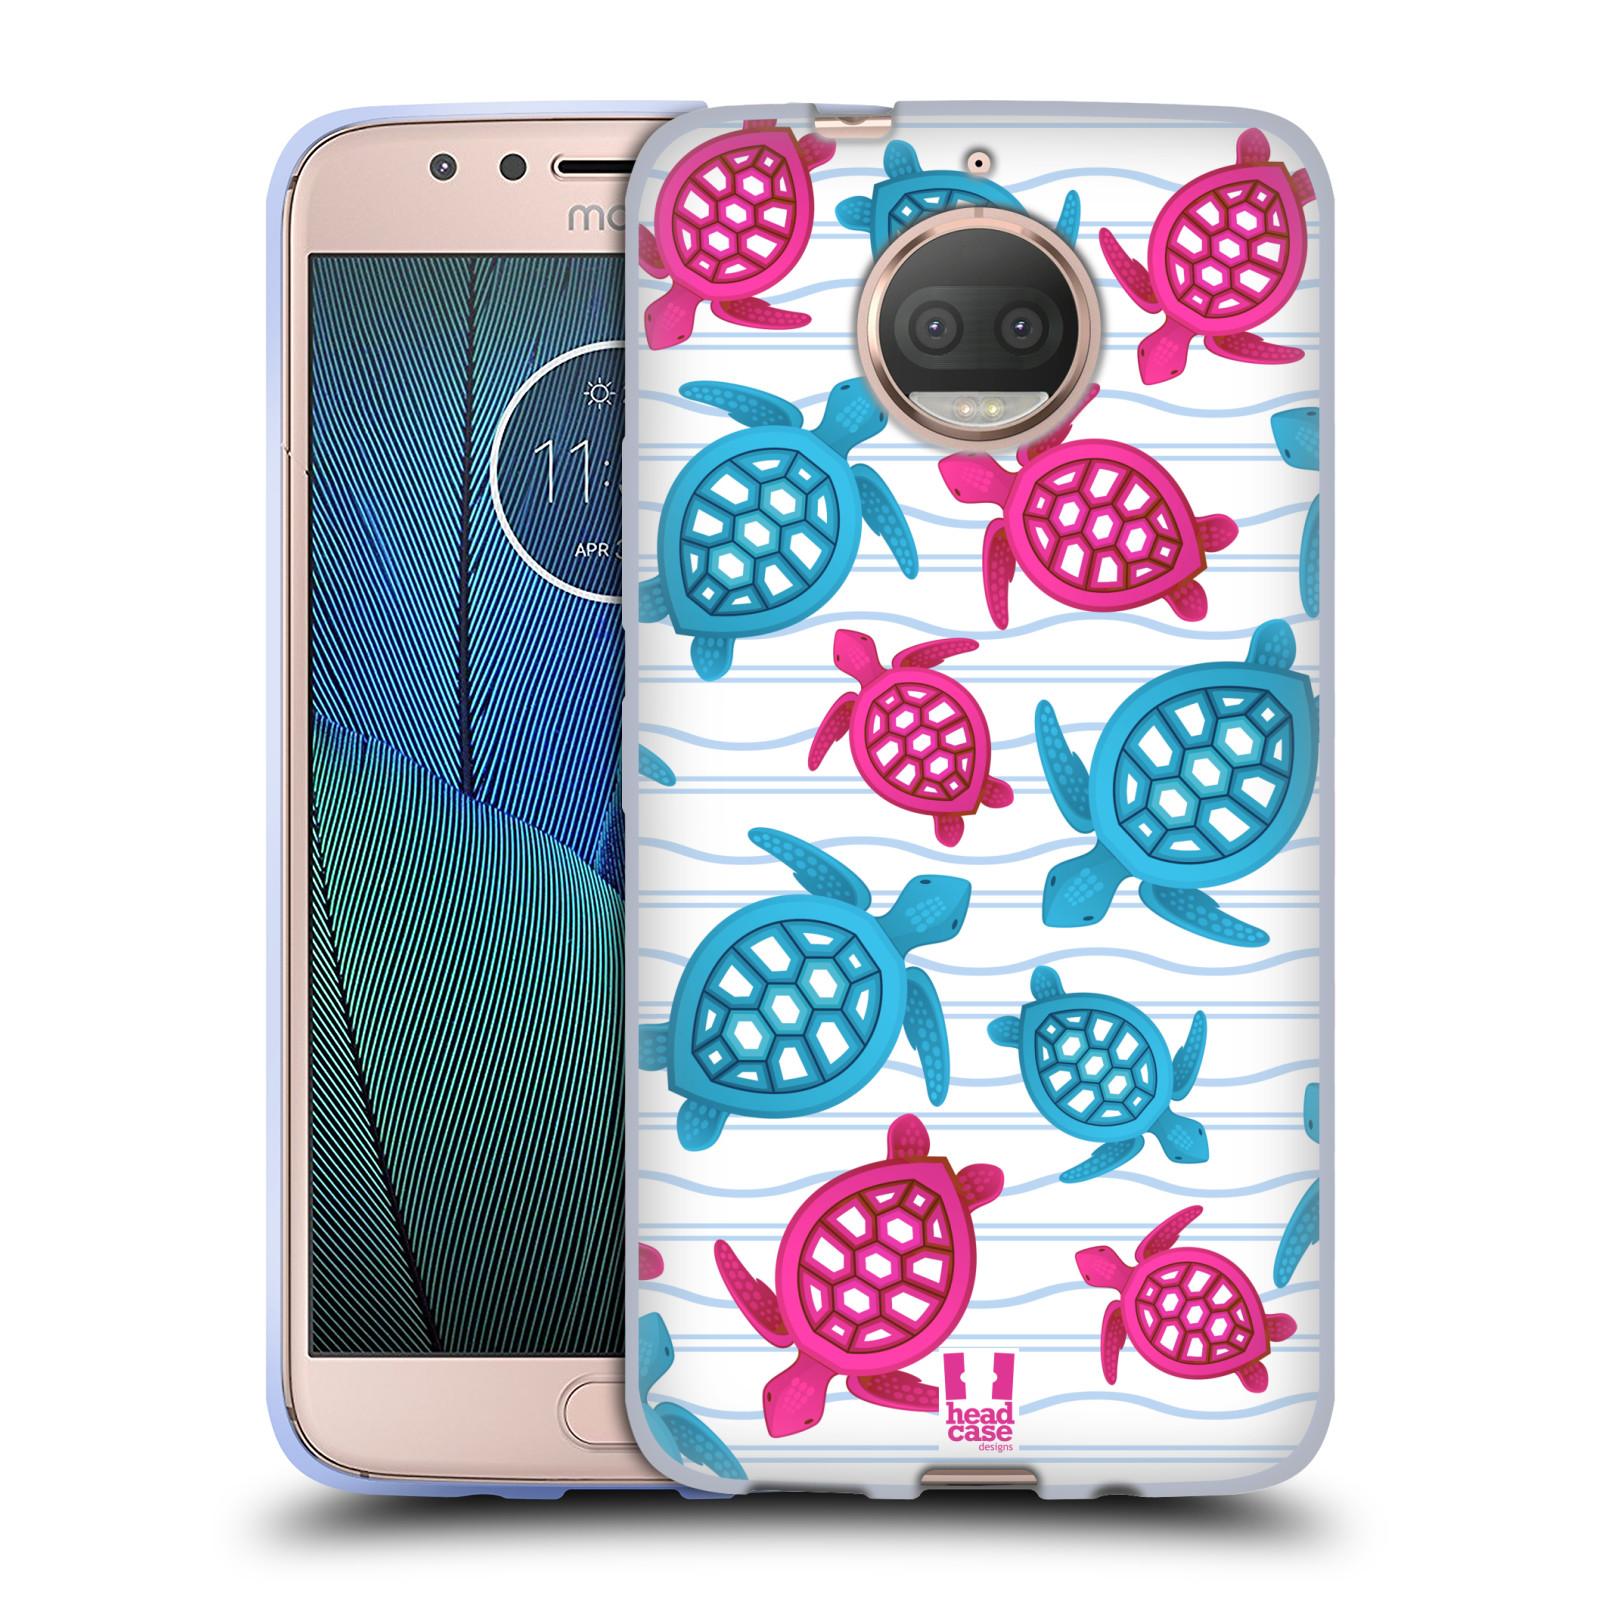 HEAD CASE silikonový obal na mobil Lenovo Moto G5s PLUS vzor mořský živočich želva modrá a růžová